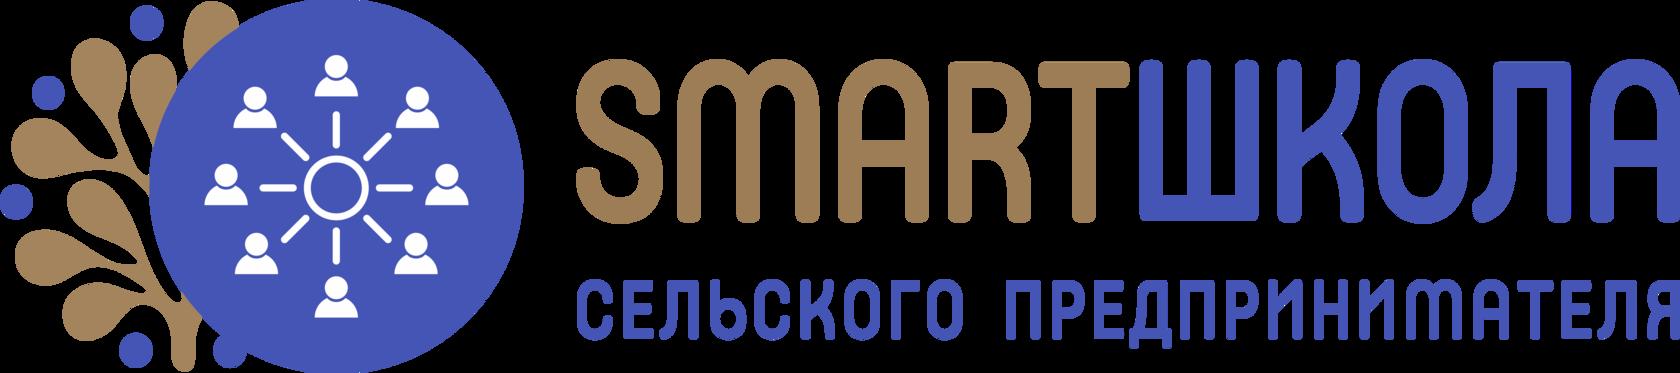 SMART-ШКОЛА